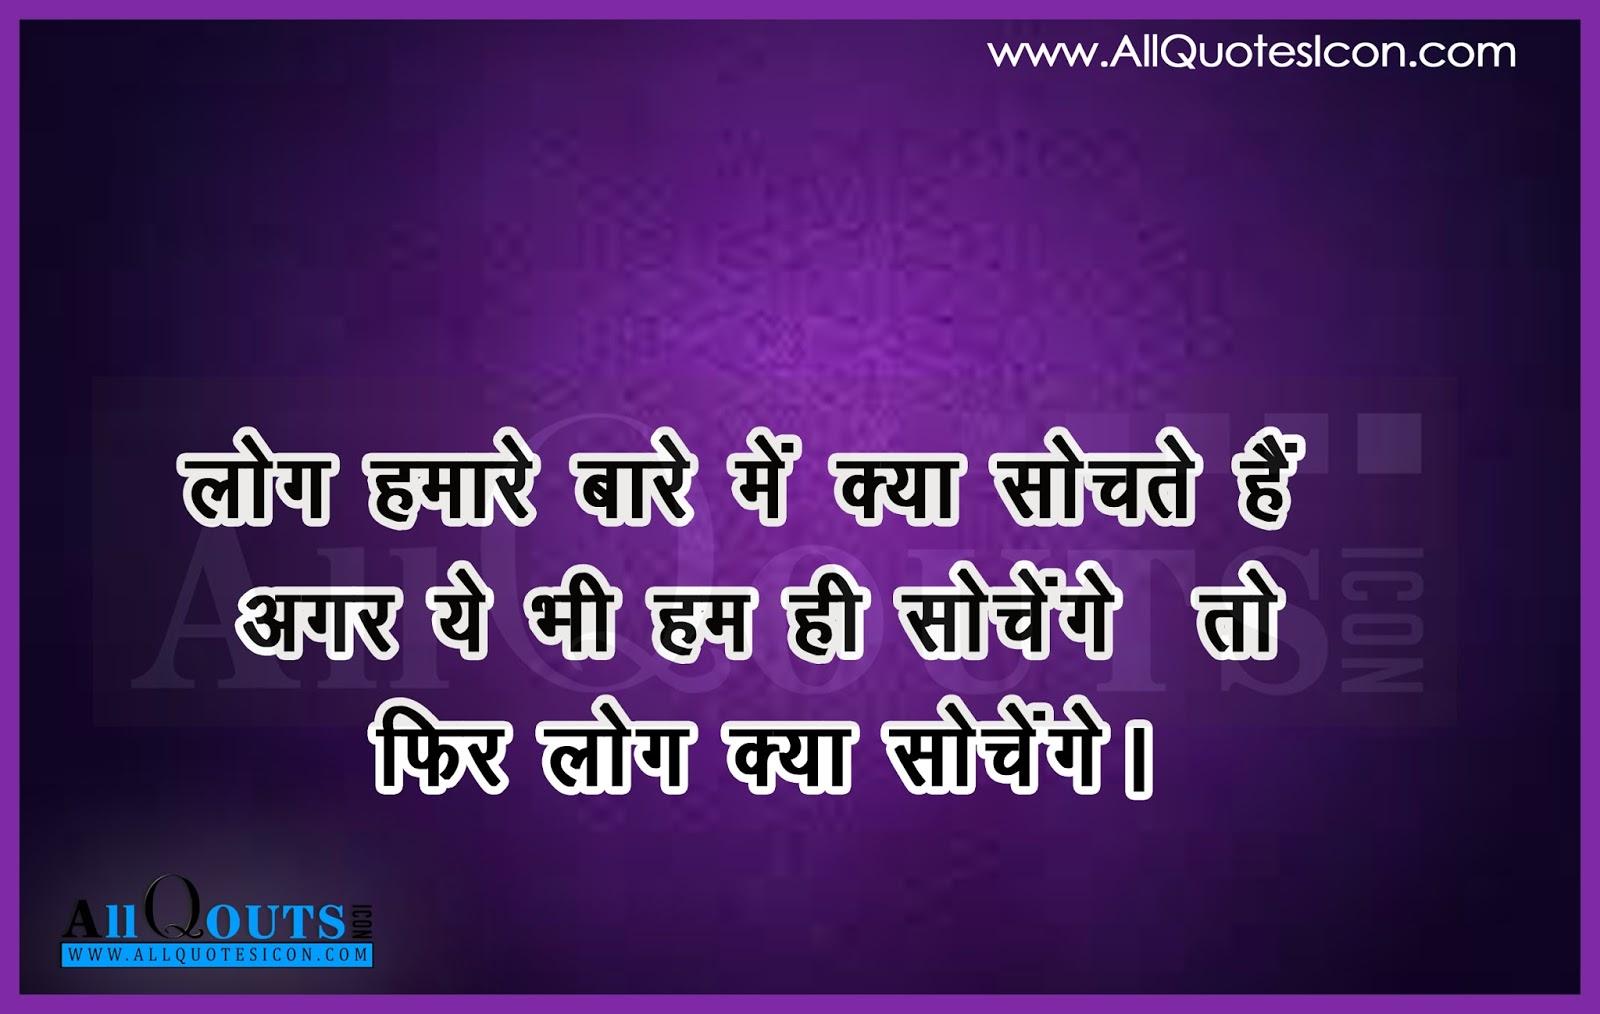 motivuon shyari 3 man in hindia